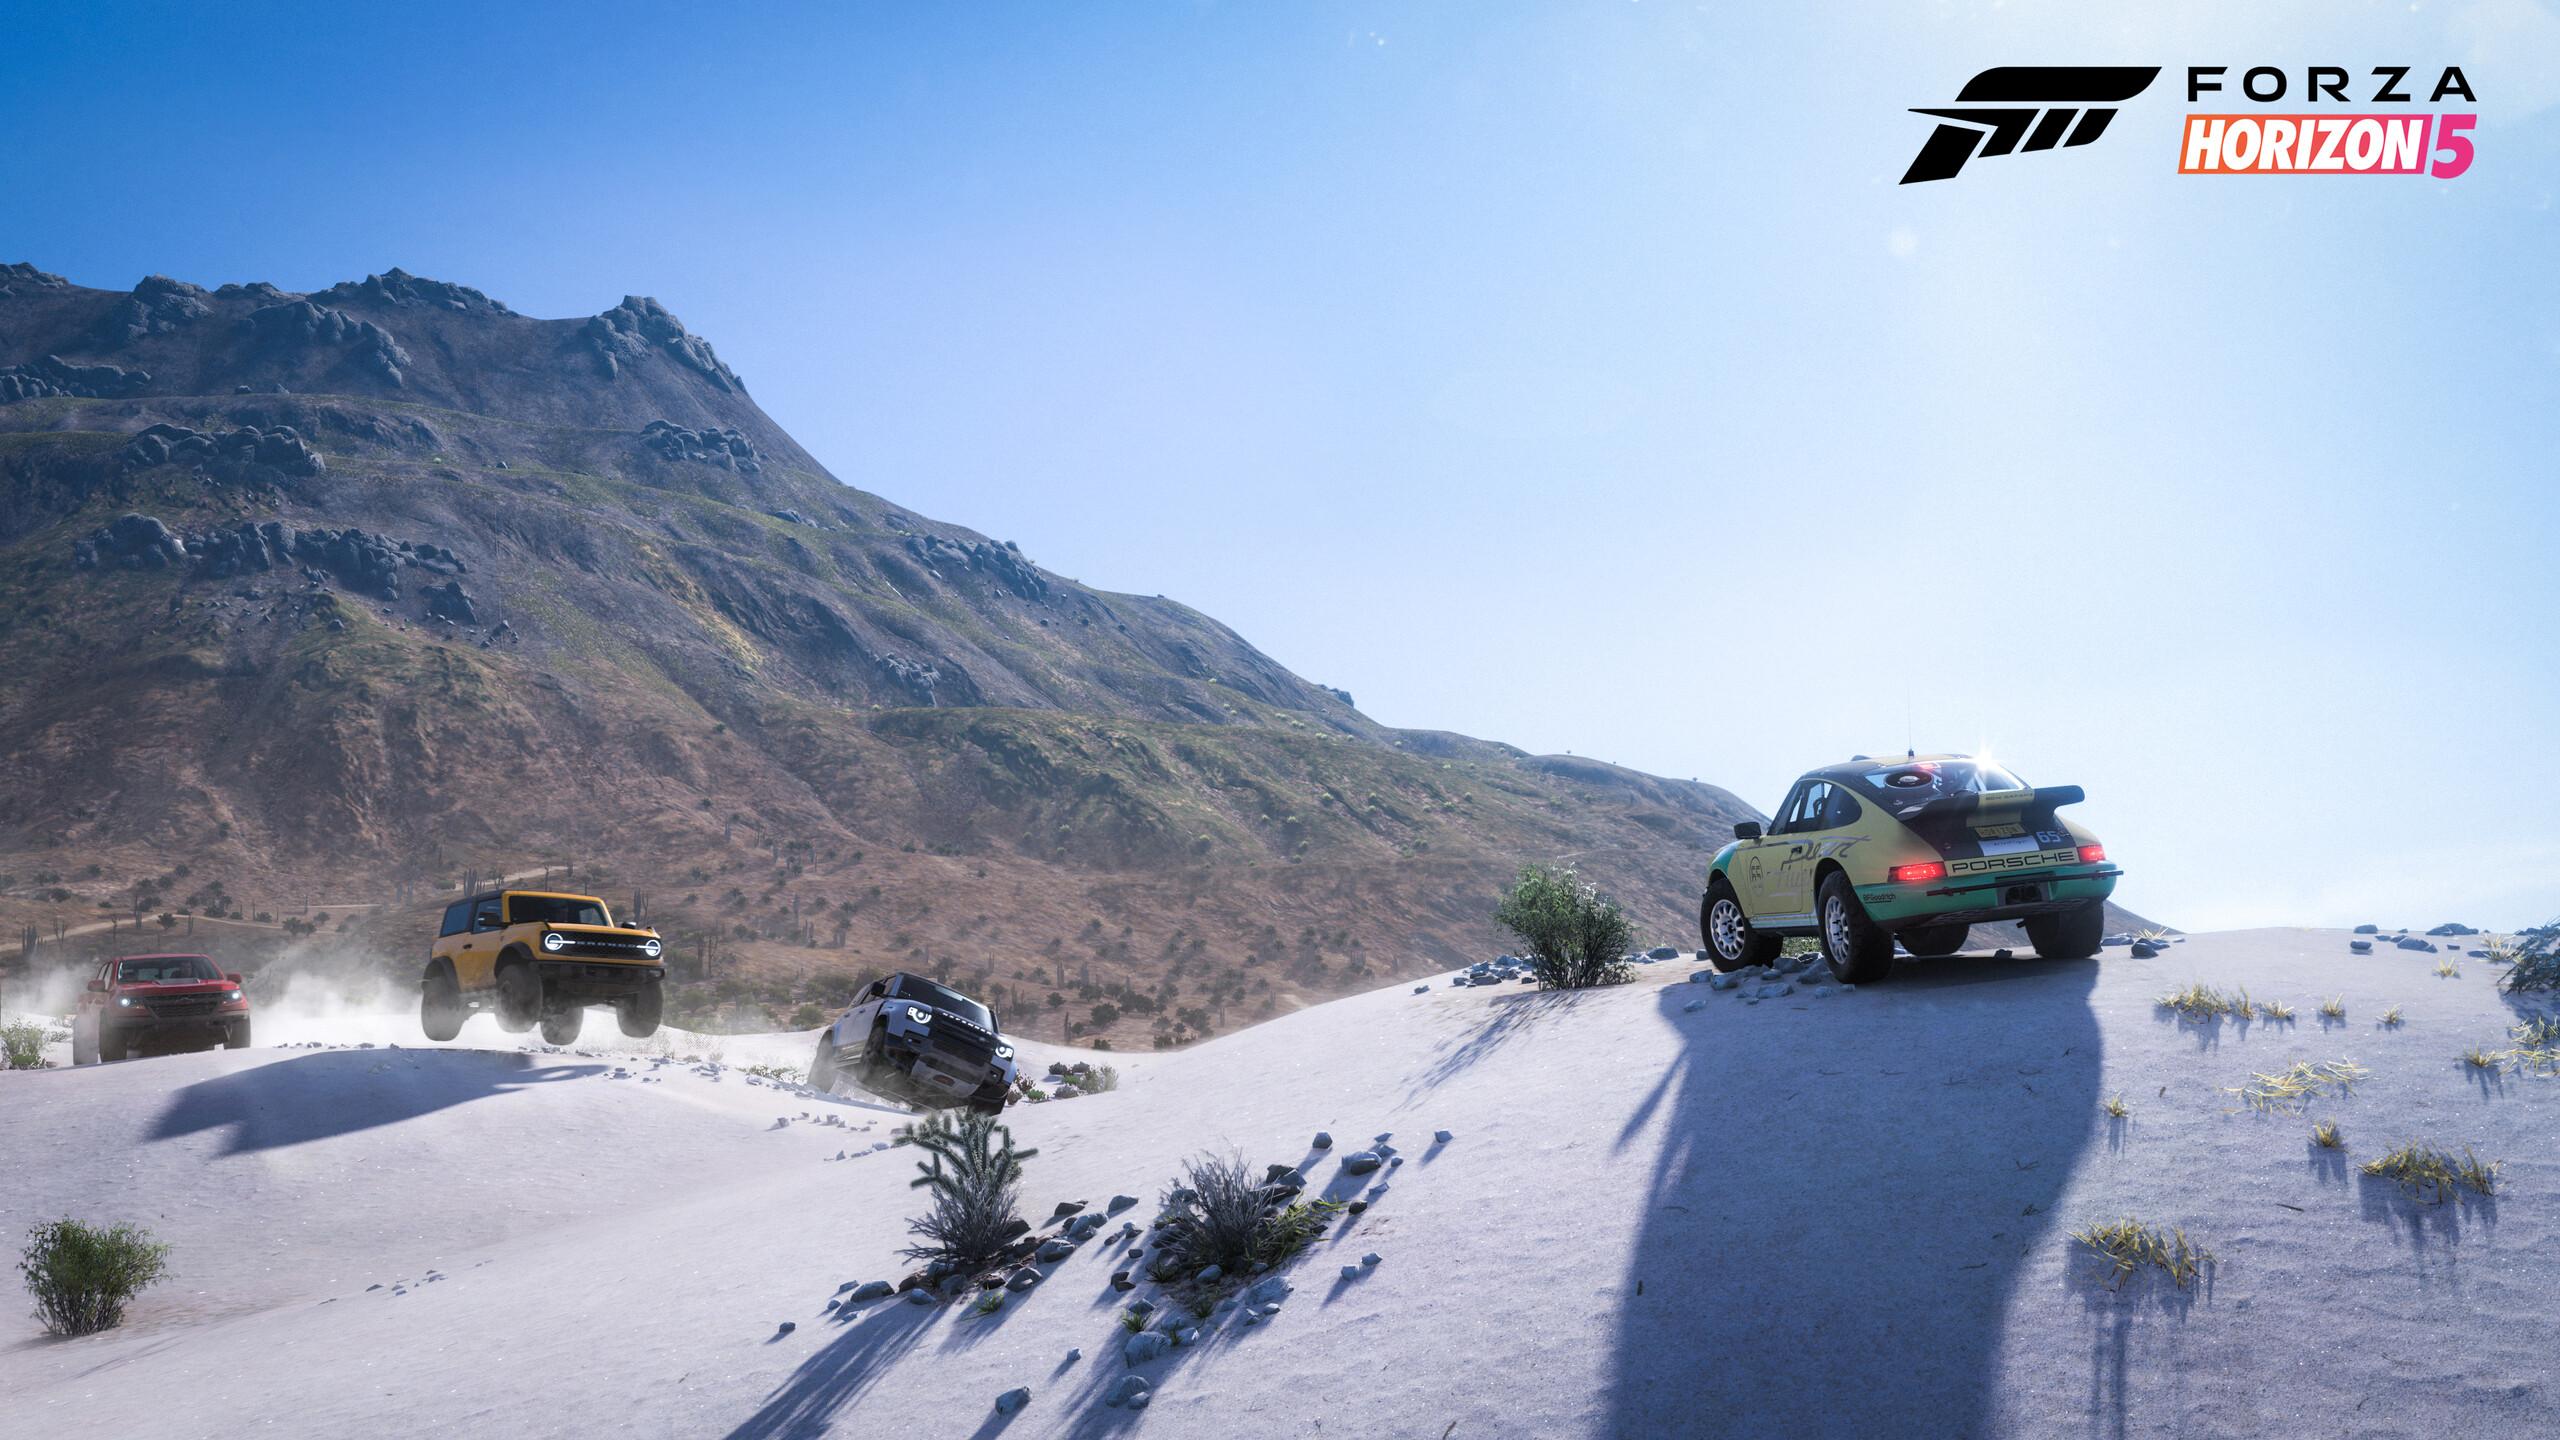 Foto de Forza Horizon 5: México (7/11)